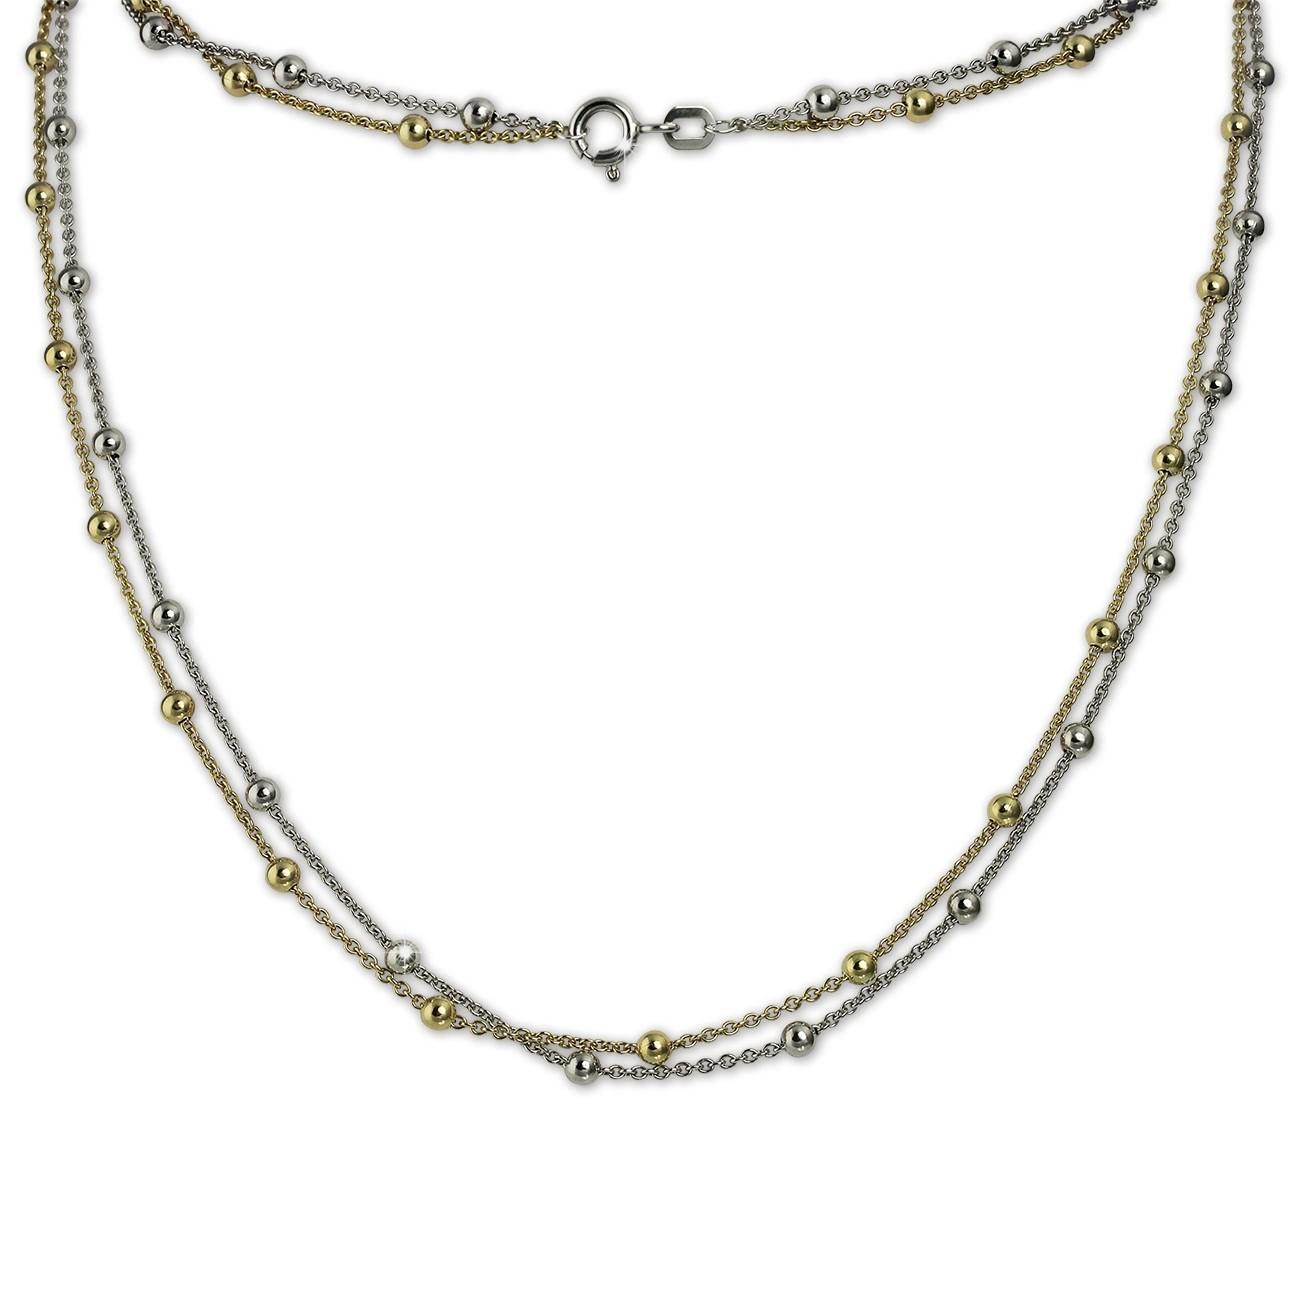 SilberDream Collier Kette Kugeln vergoldet 925er Silber Damen 45cm SDK22345T